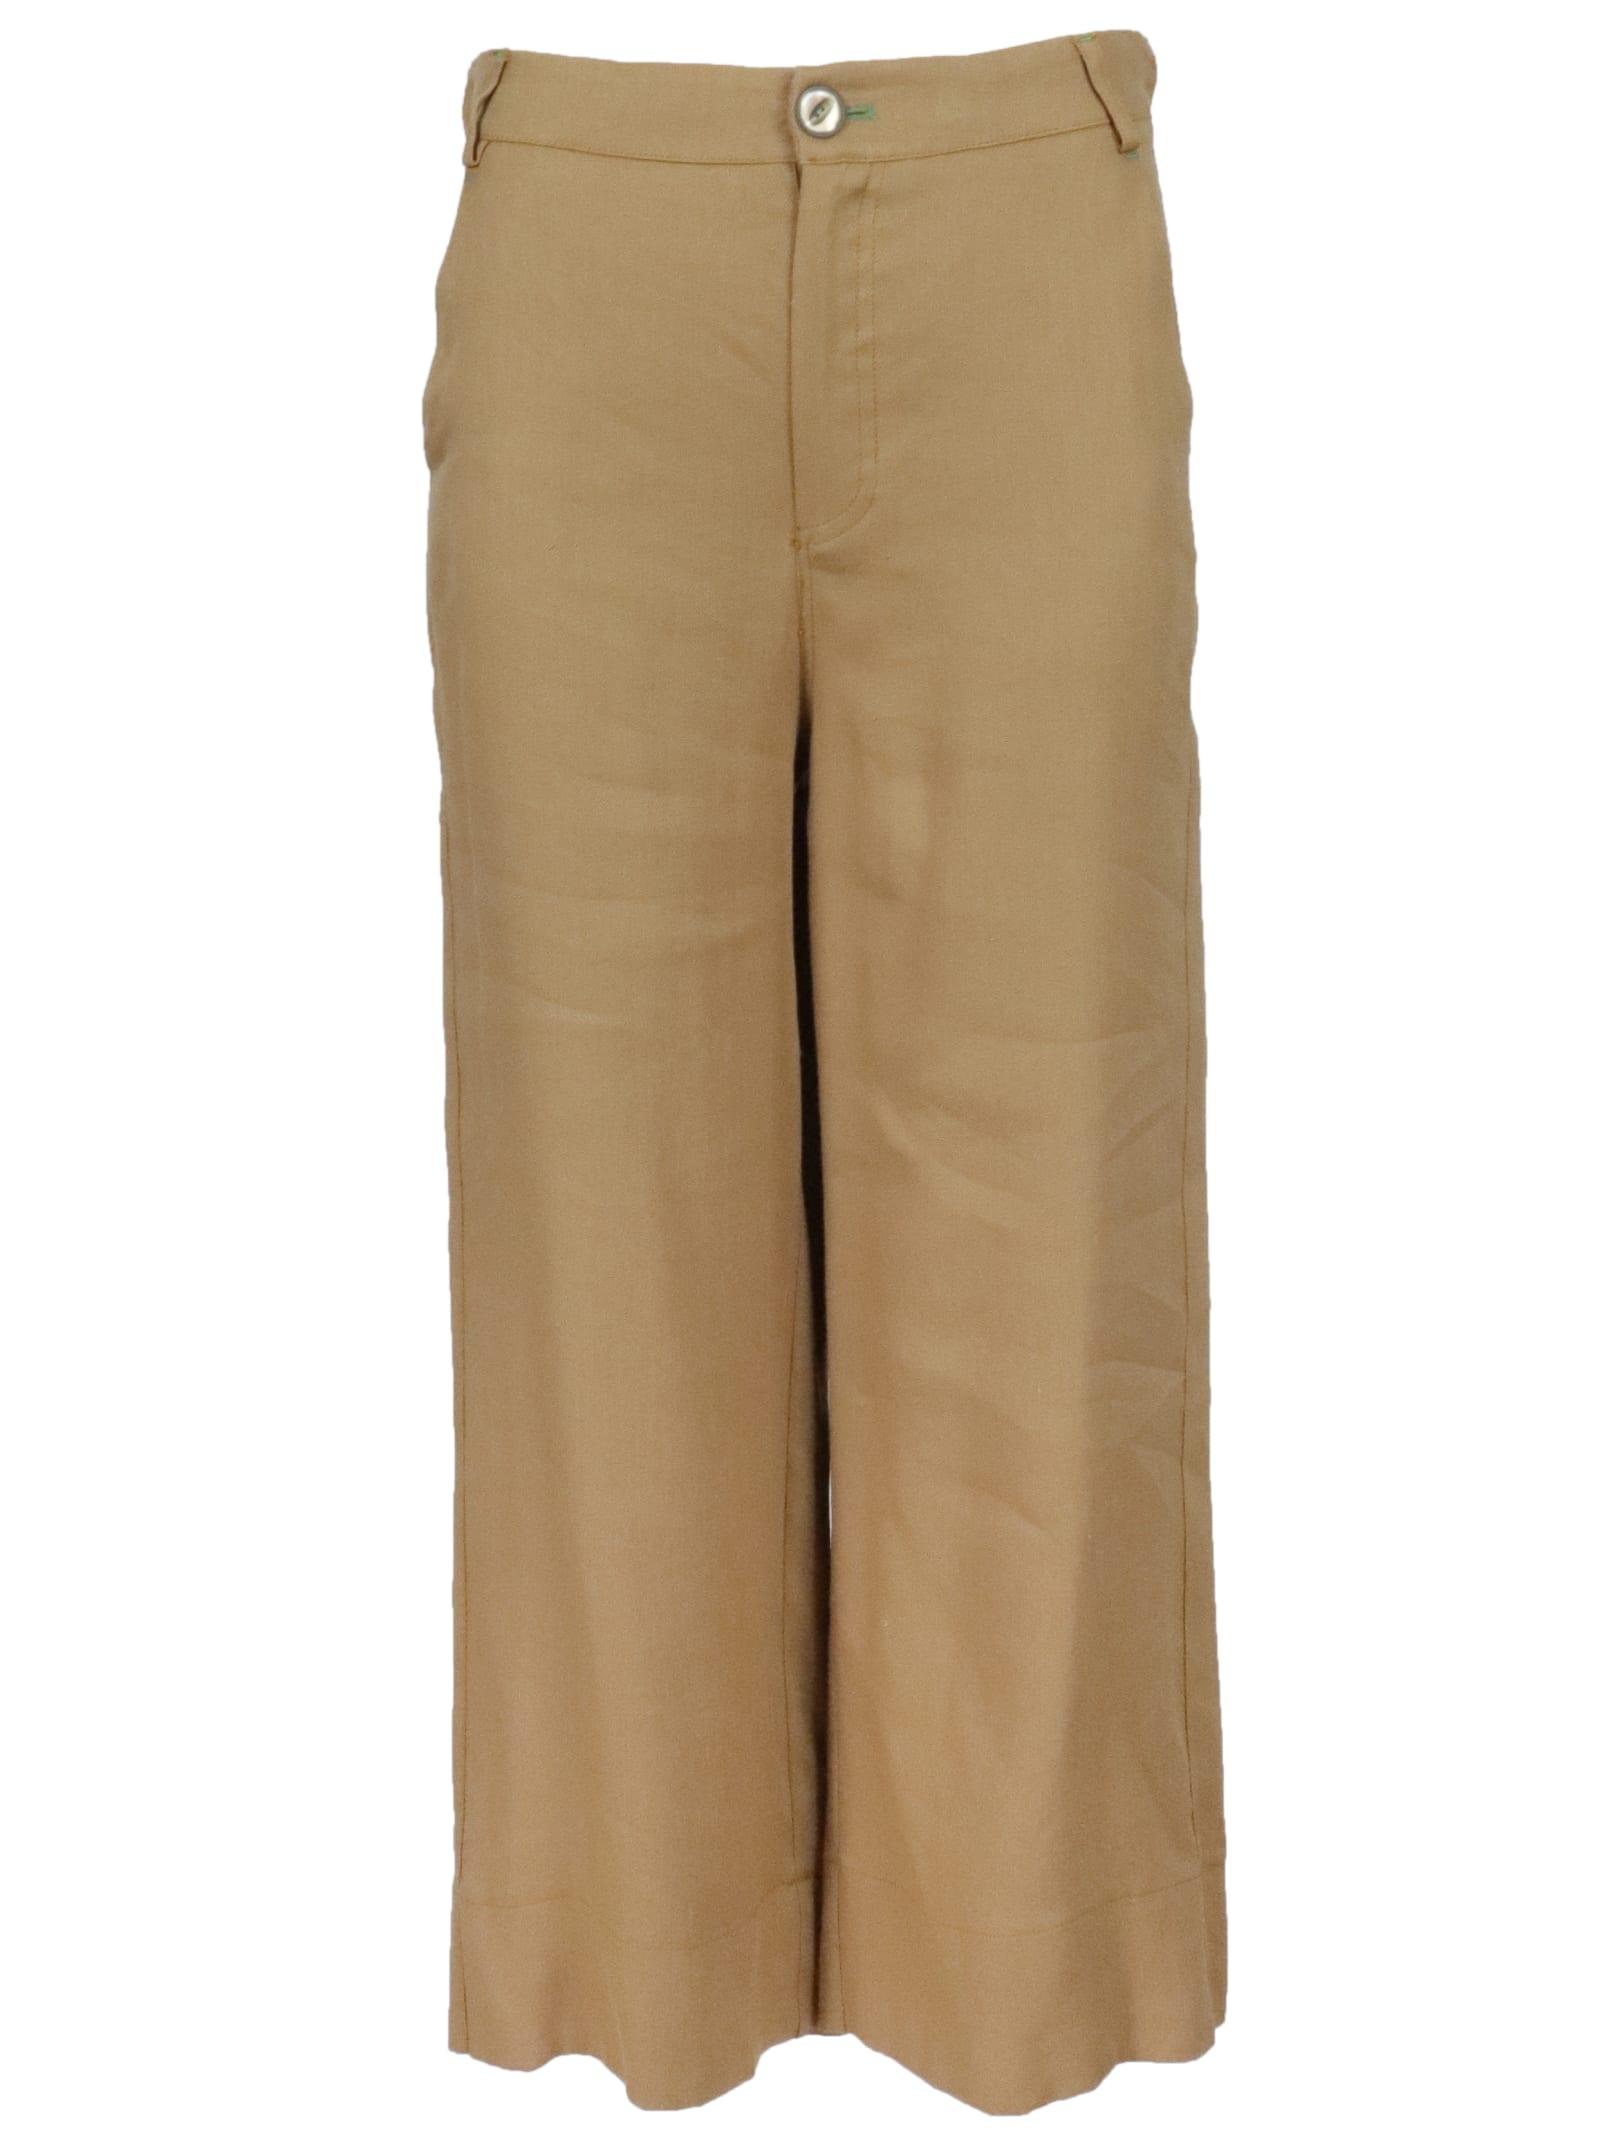 Malìparmi Diagonal Trousers